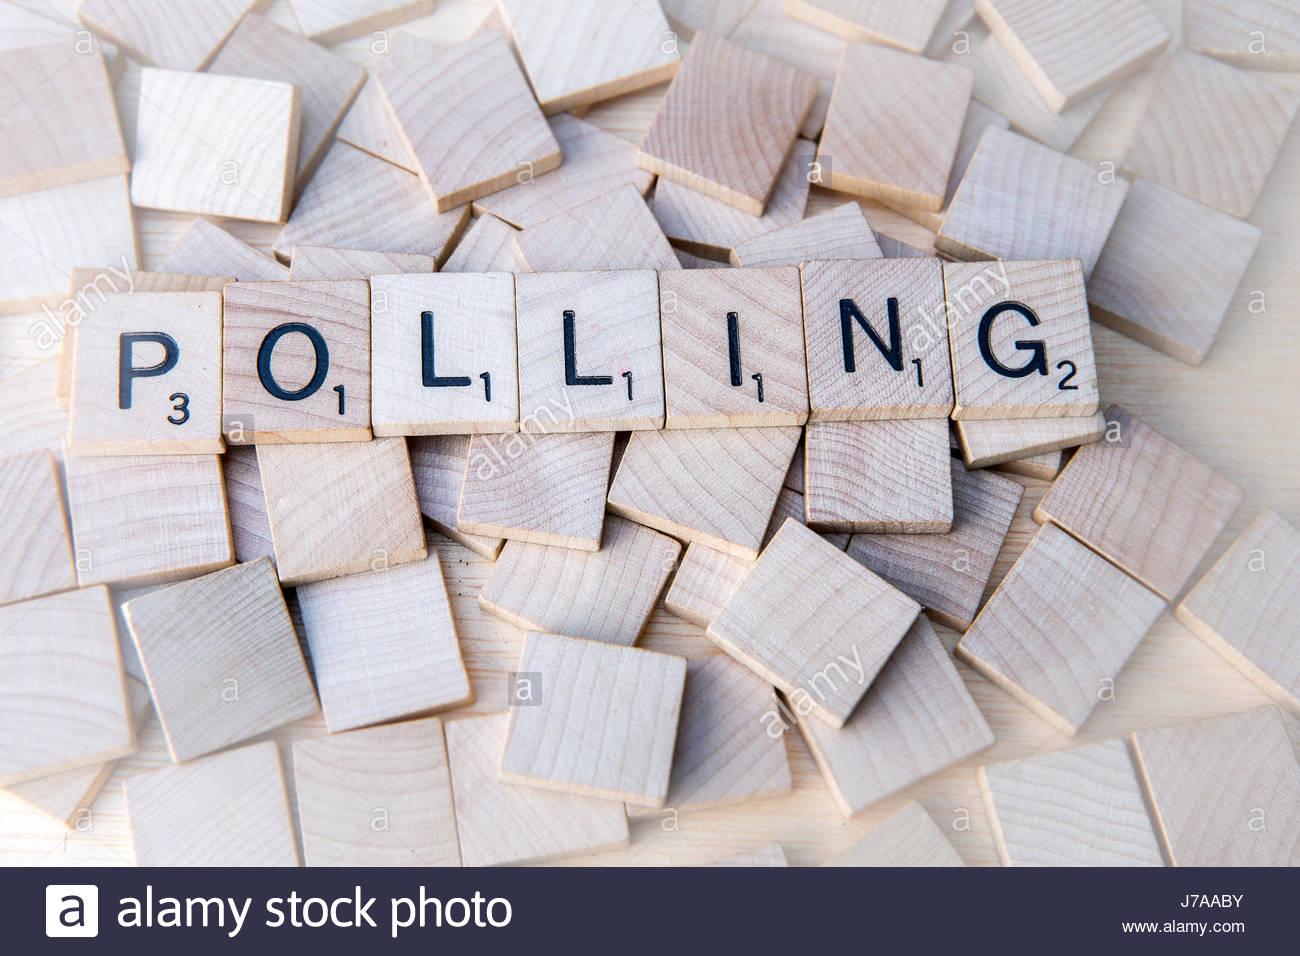 Il farro di polling con lettere di scrabble su piastrelle di legno